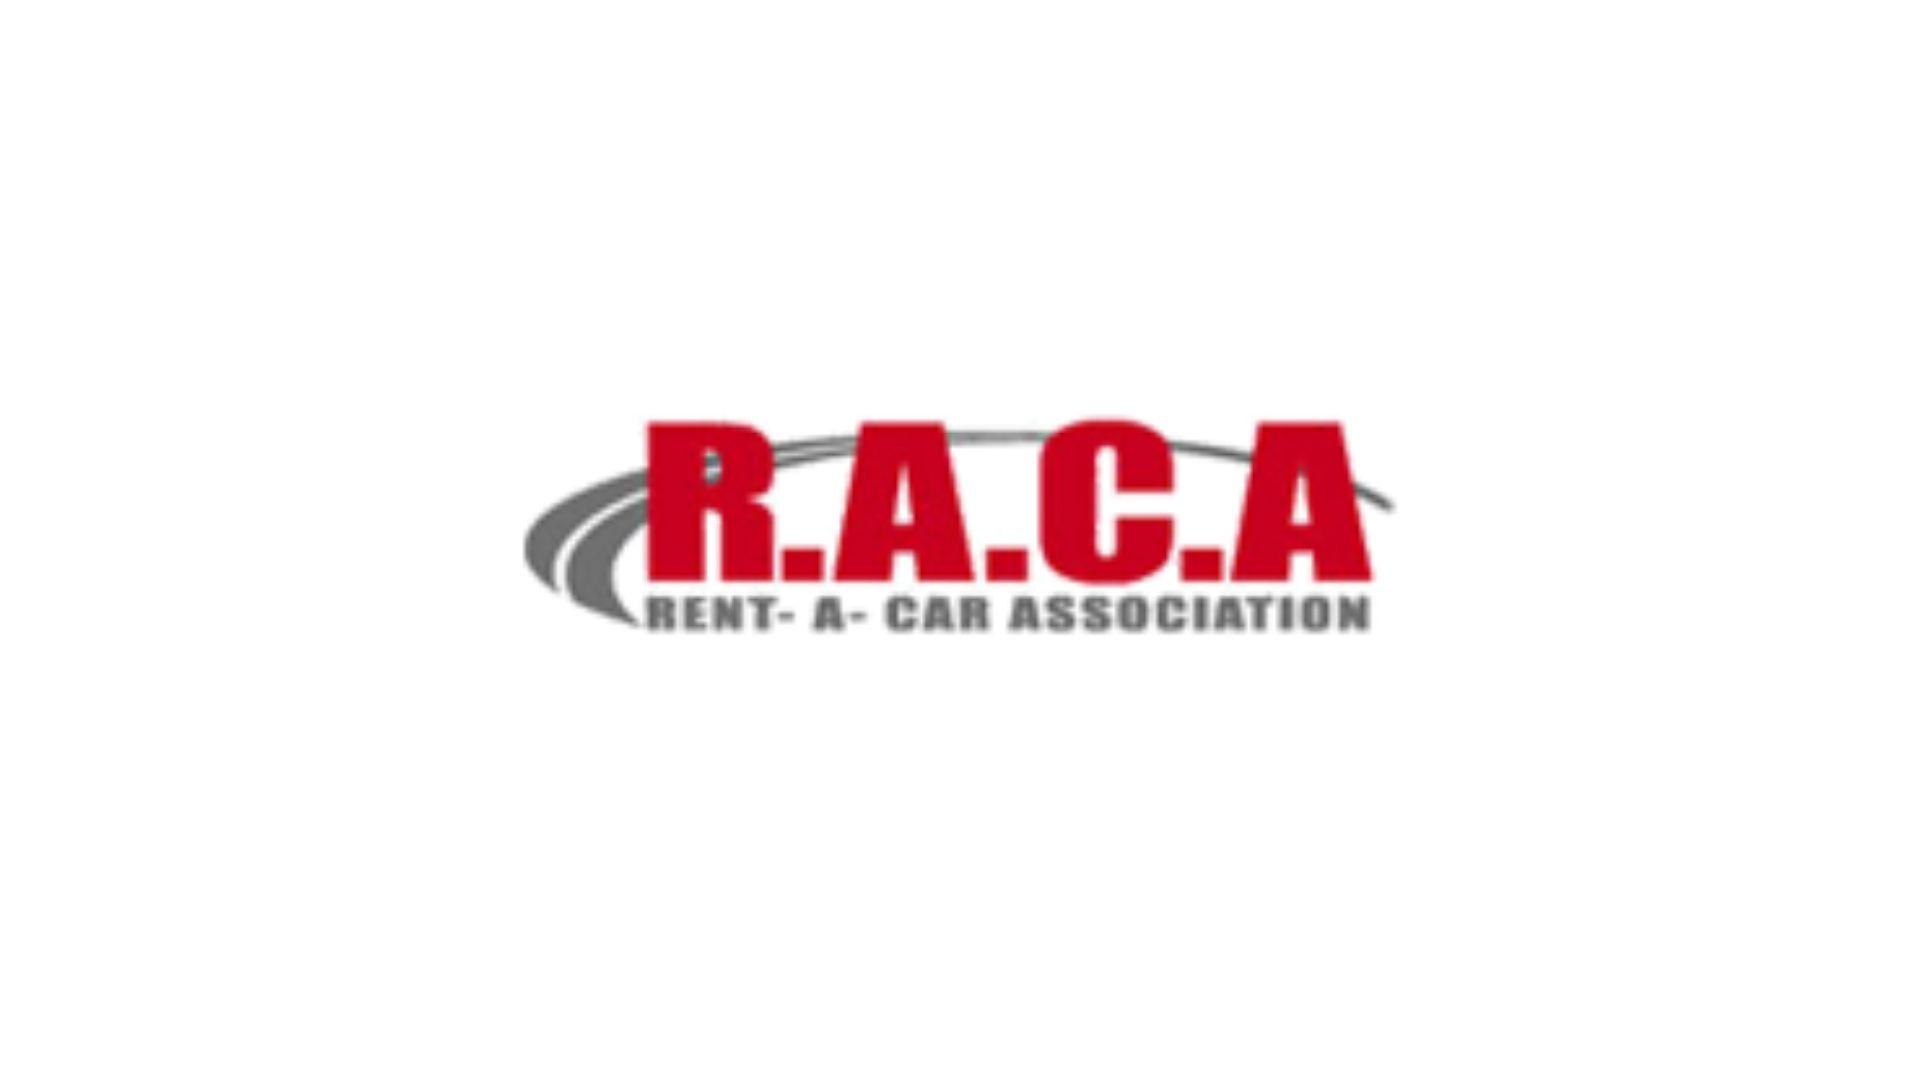 Rent A Car Association Sri Lanka logo